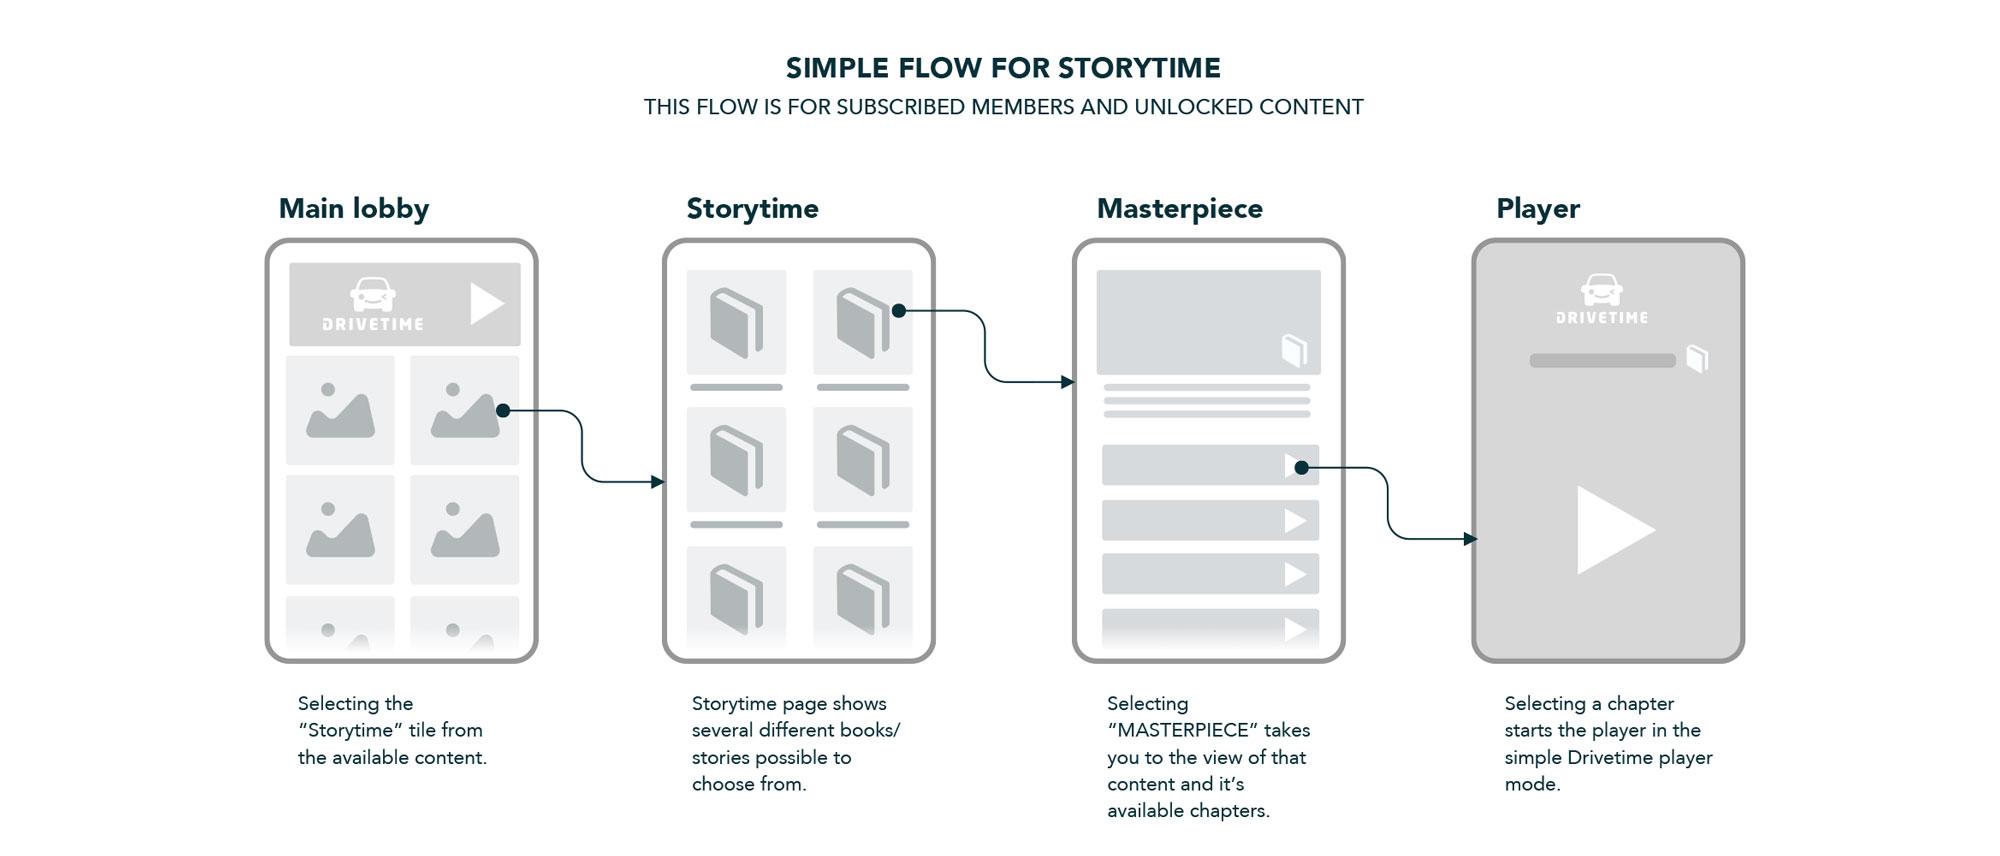 Simple-Storytime-flow.jpg